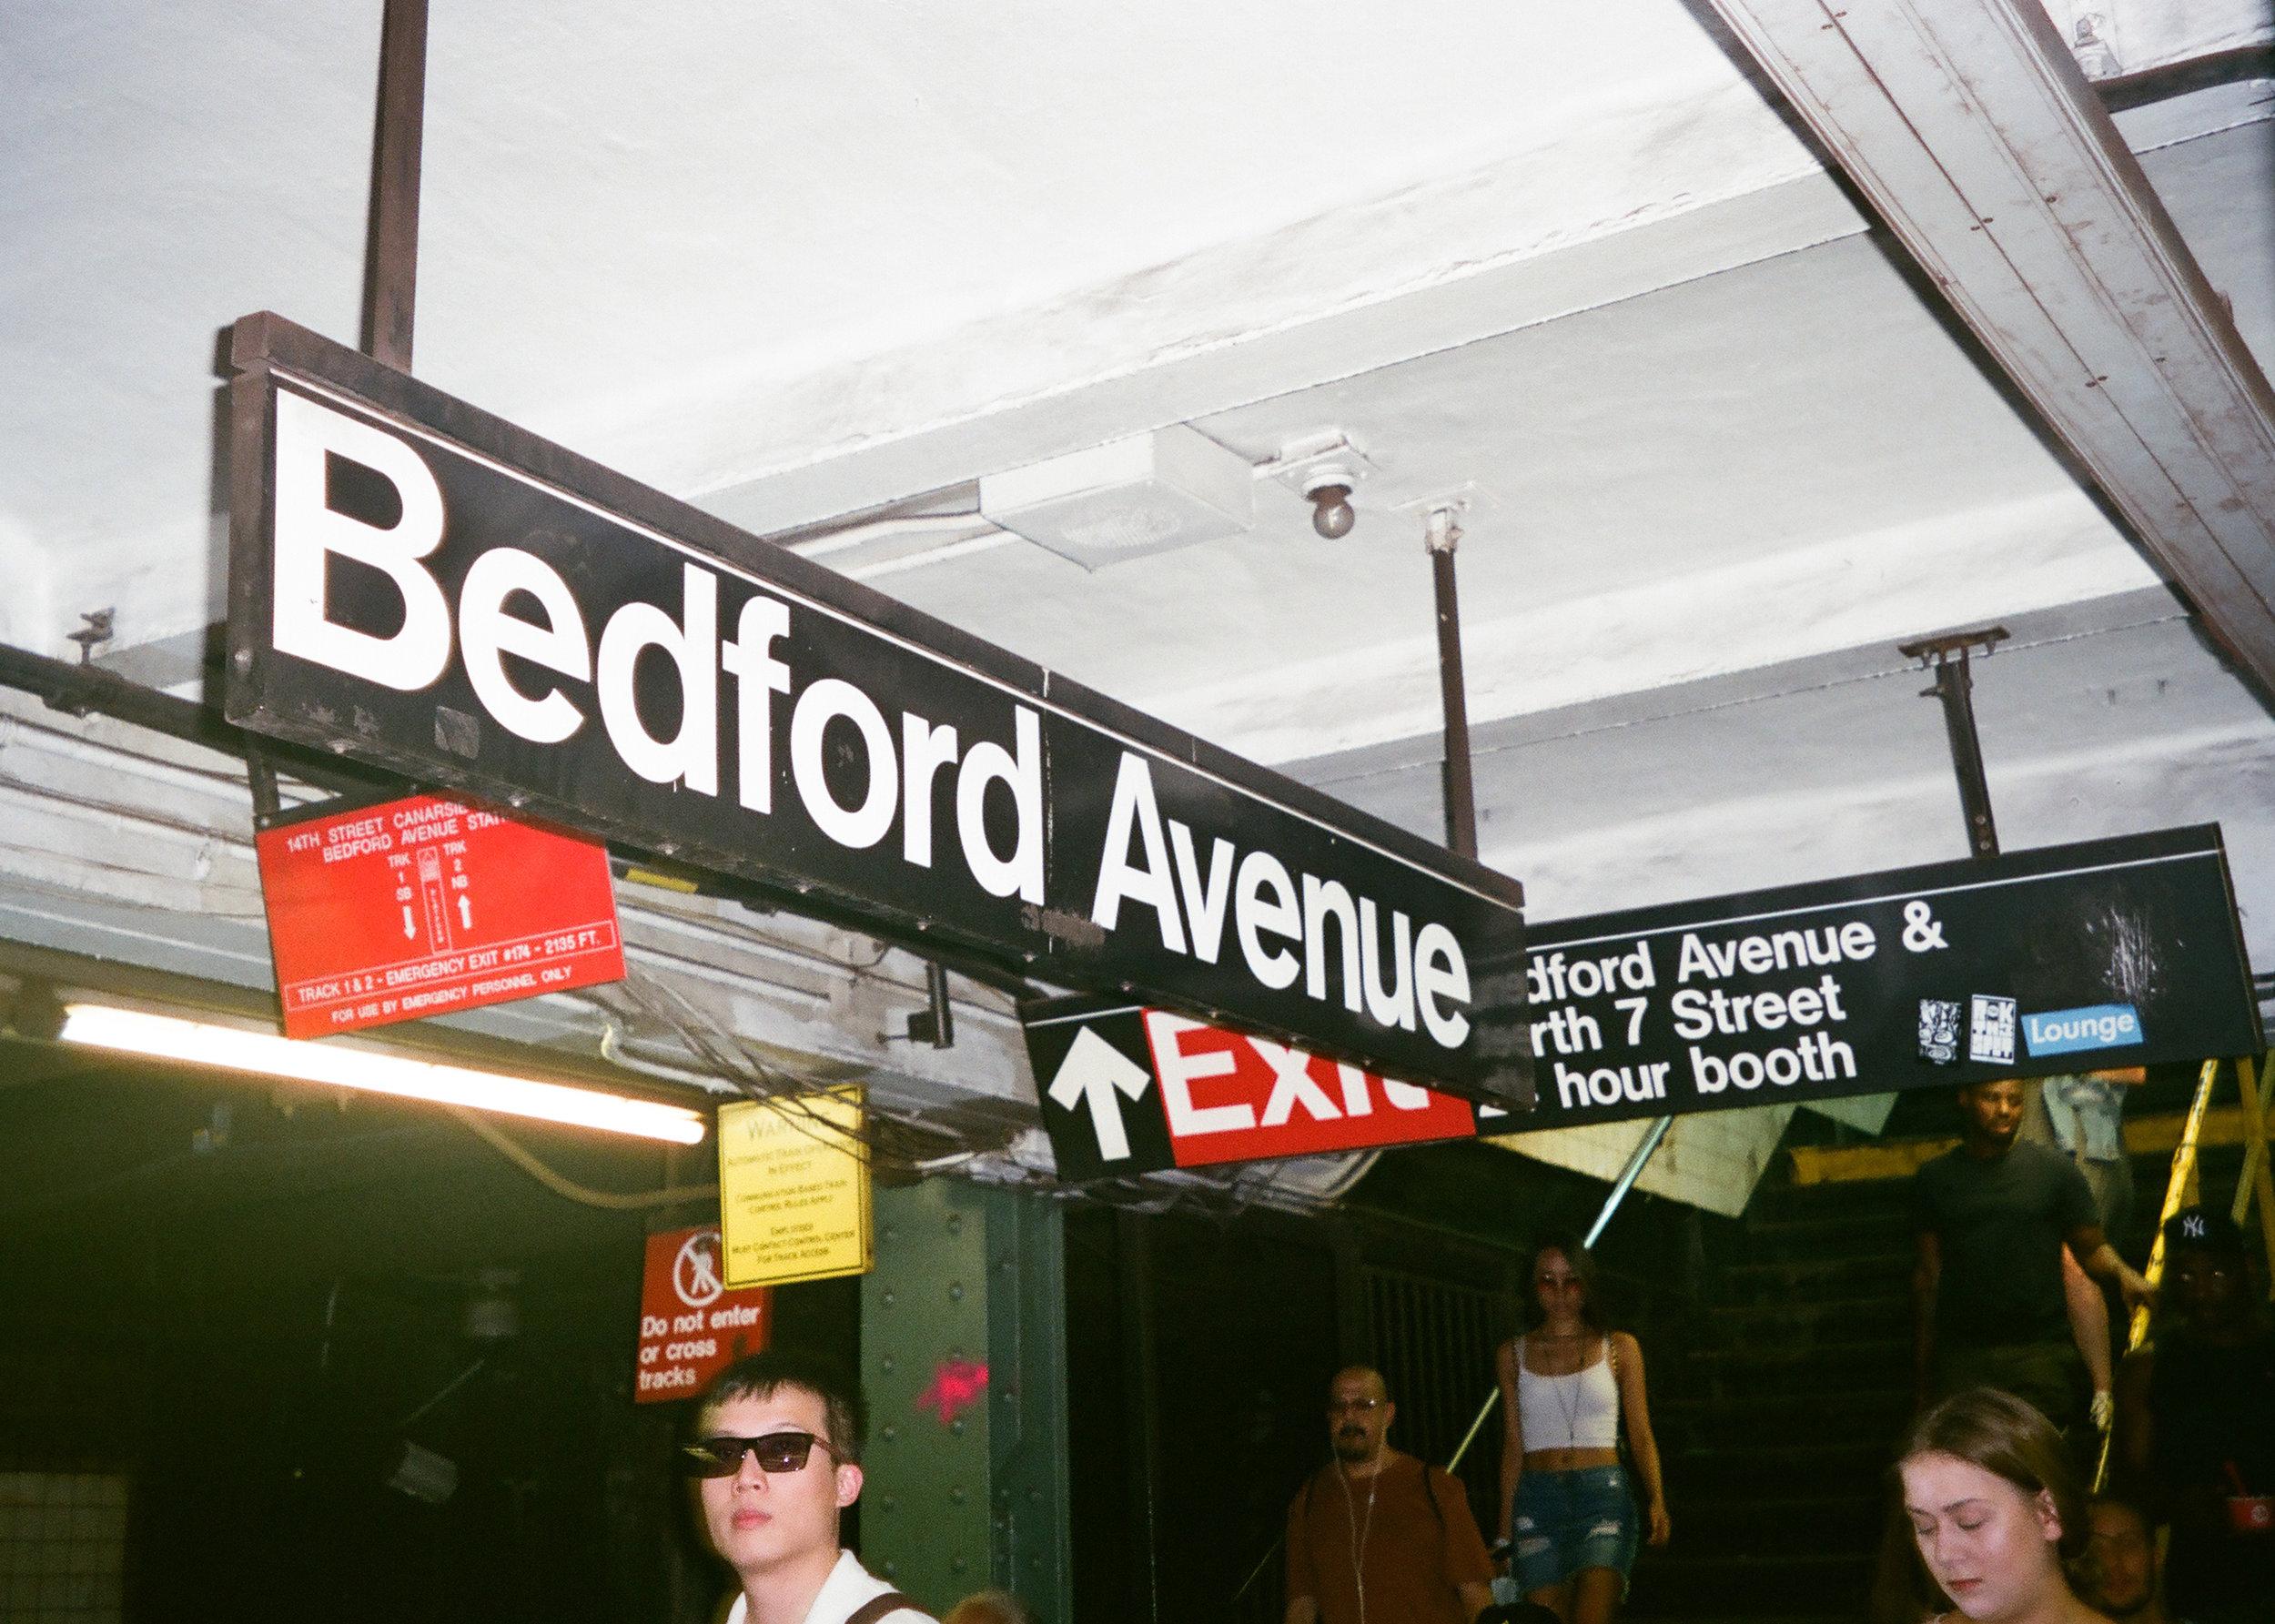 Bedford Ave Subway Station - Brooklyn, NY